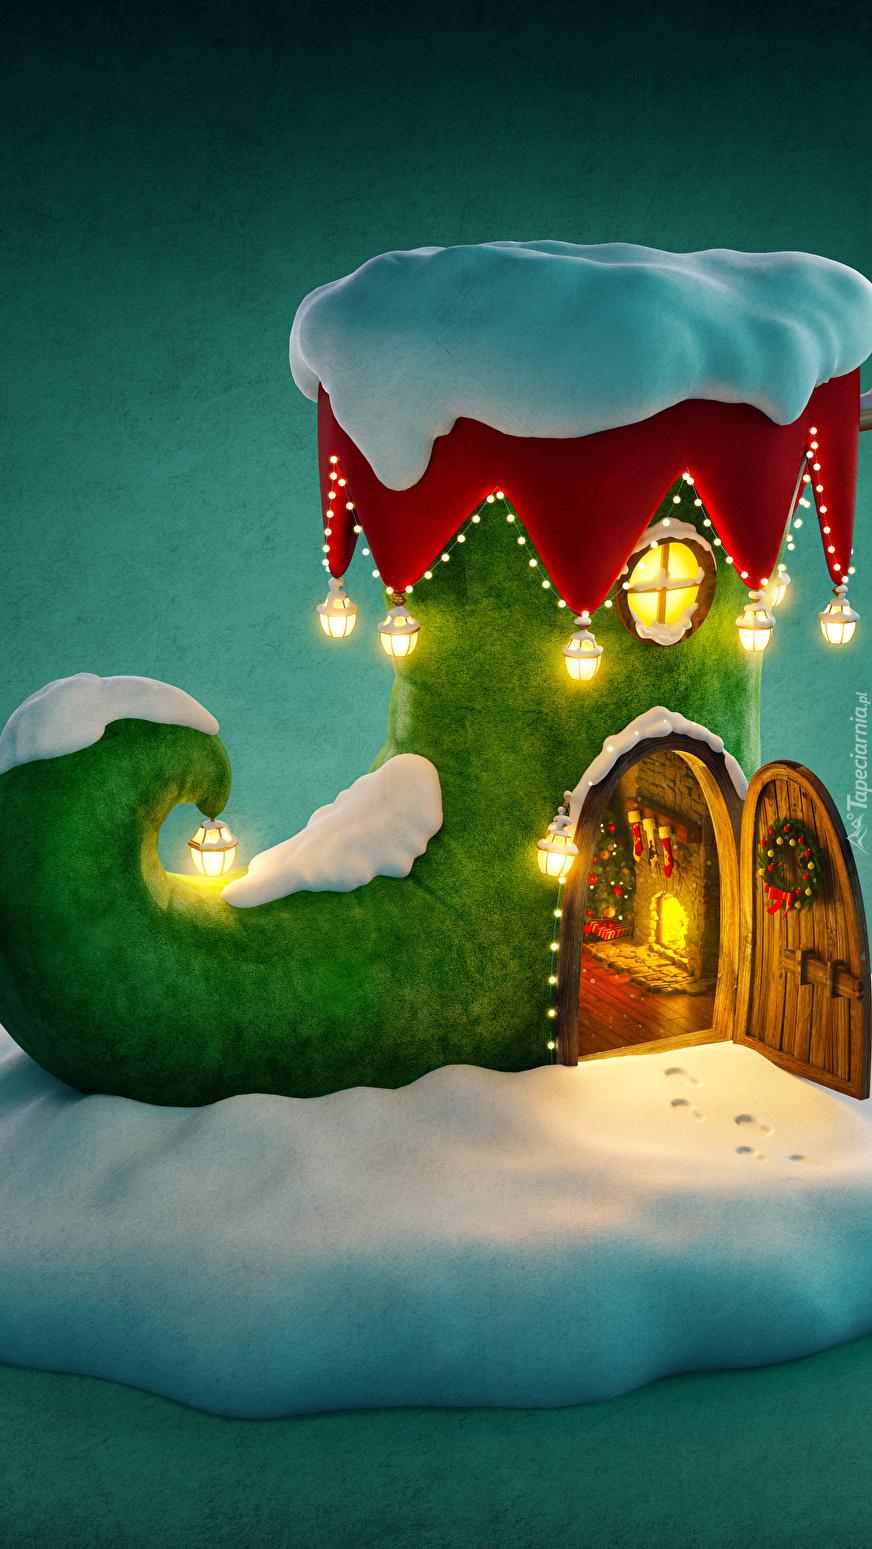 świąteczny Domek W Bajkowym Bucie Tapeta Na Telefon